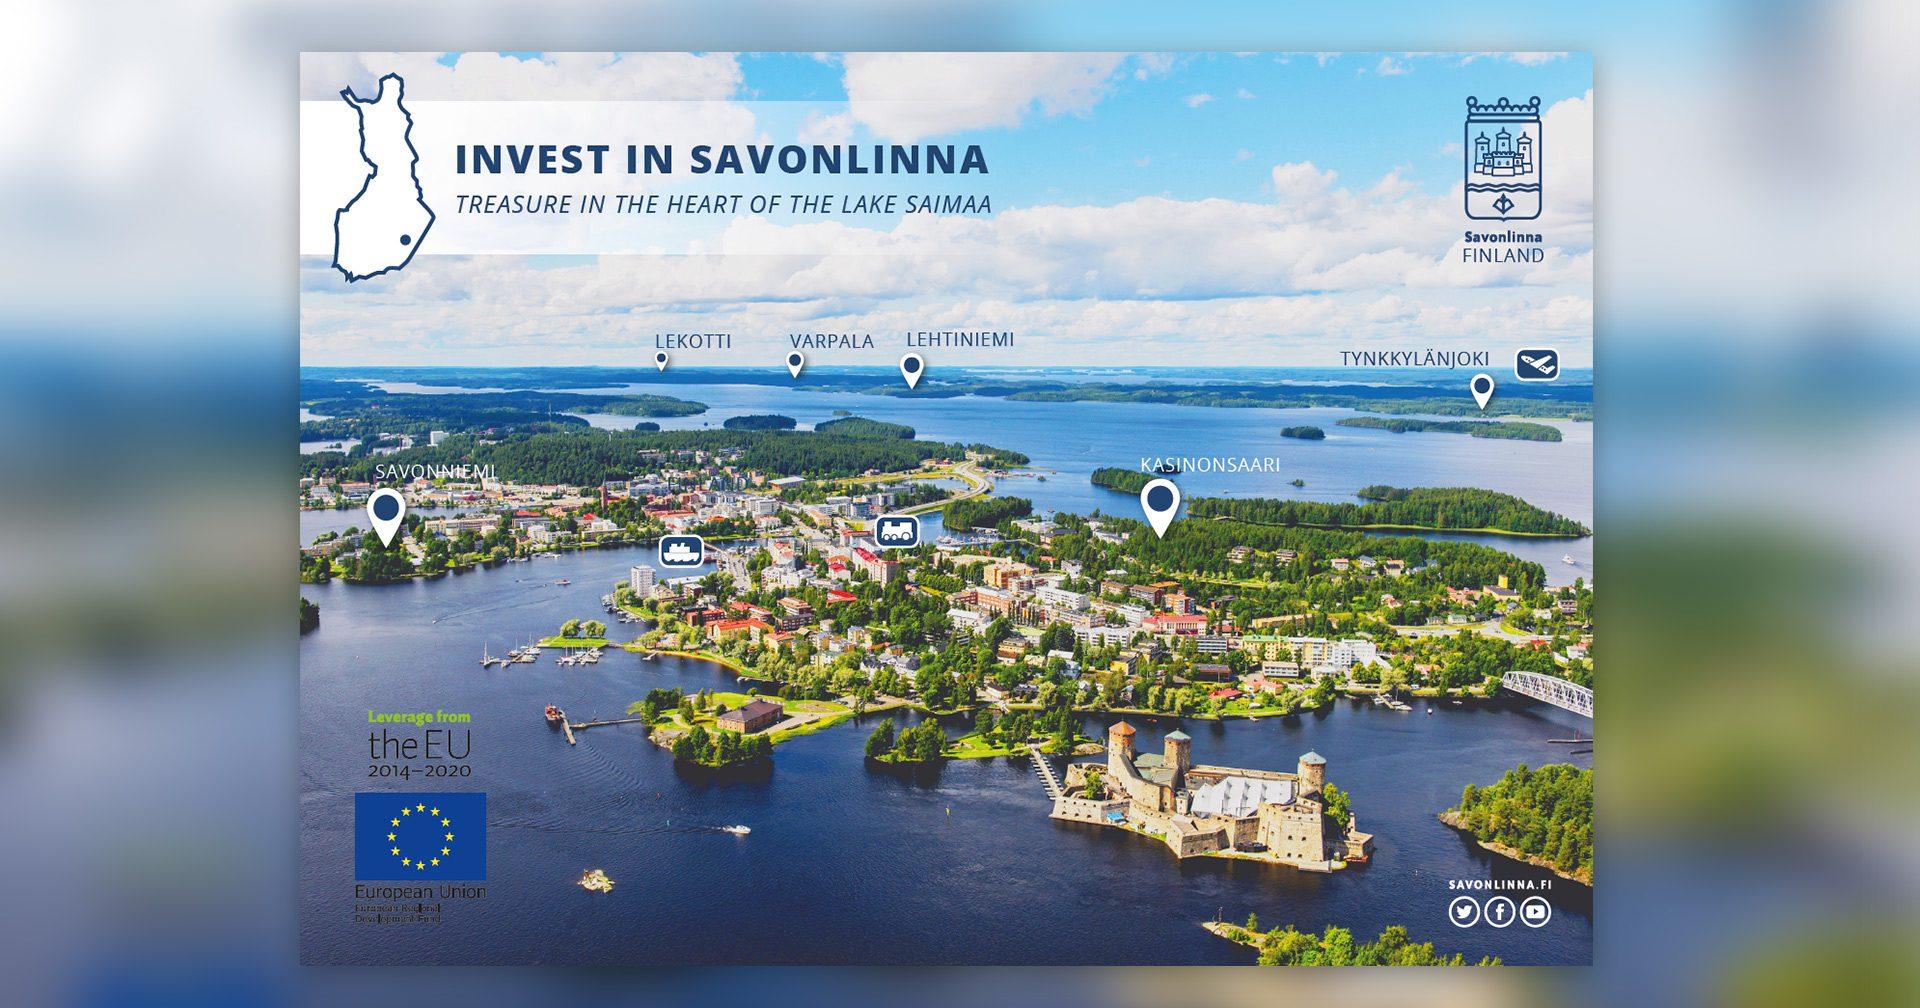 Invest In Savonlinna